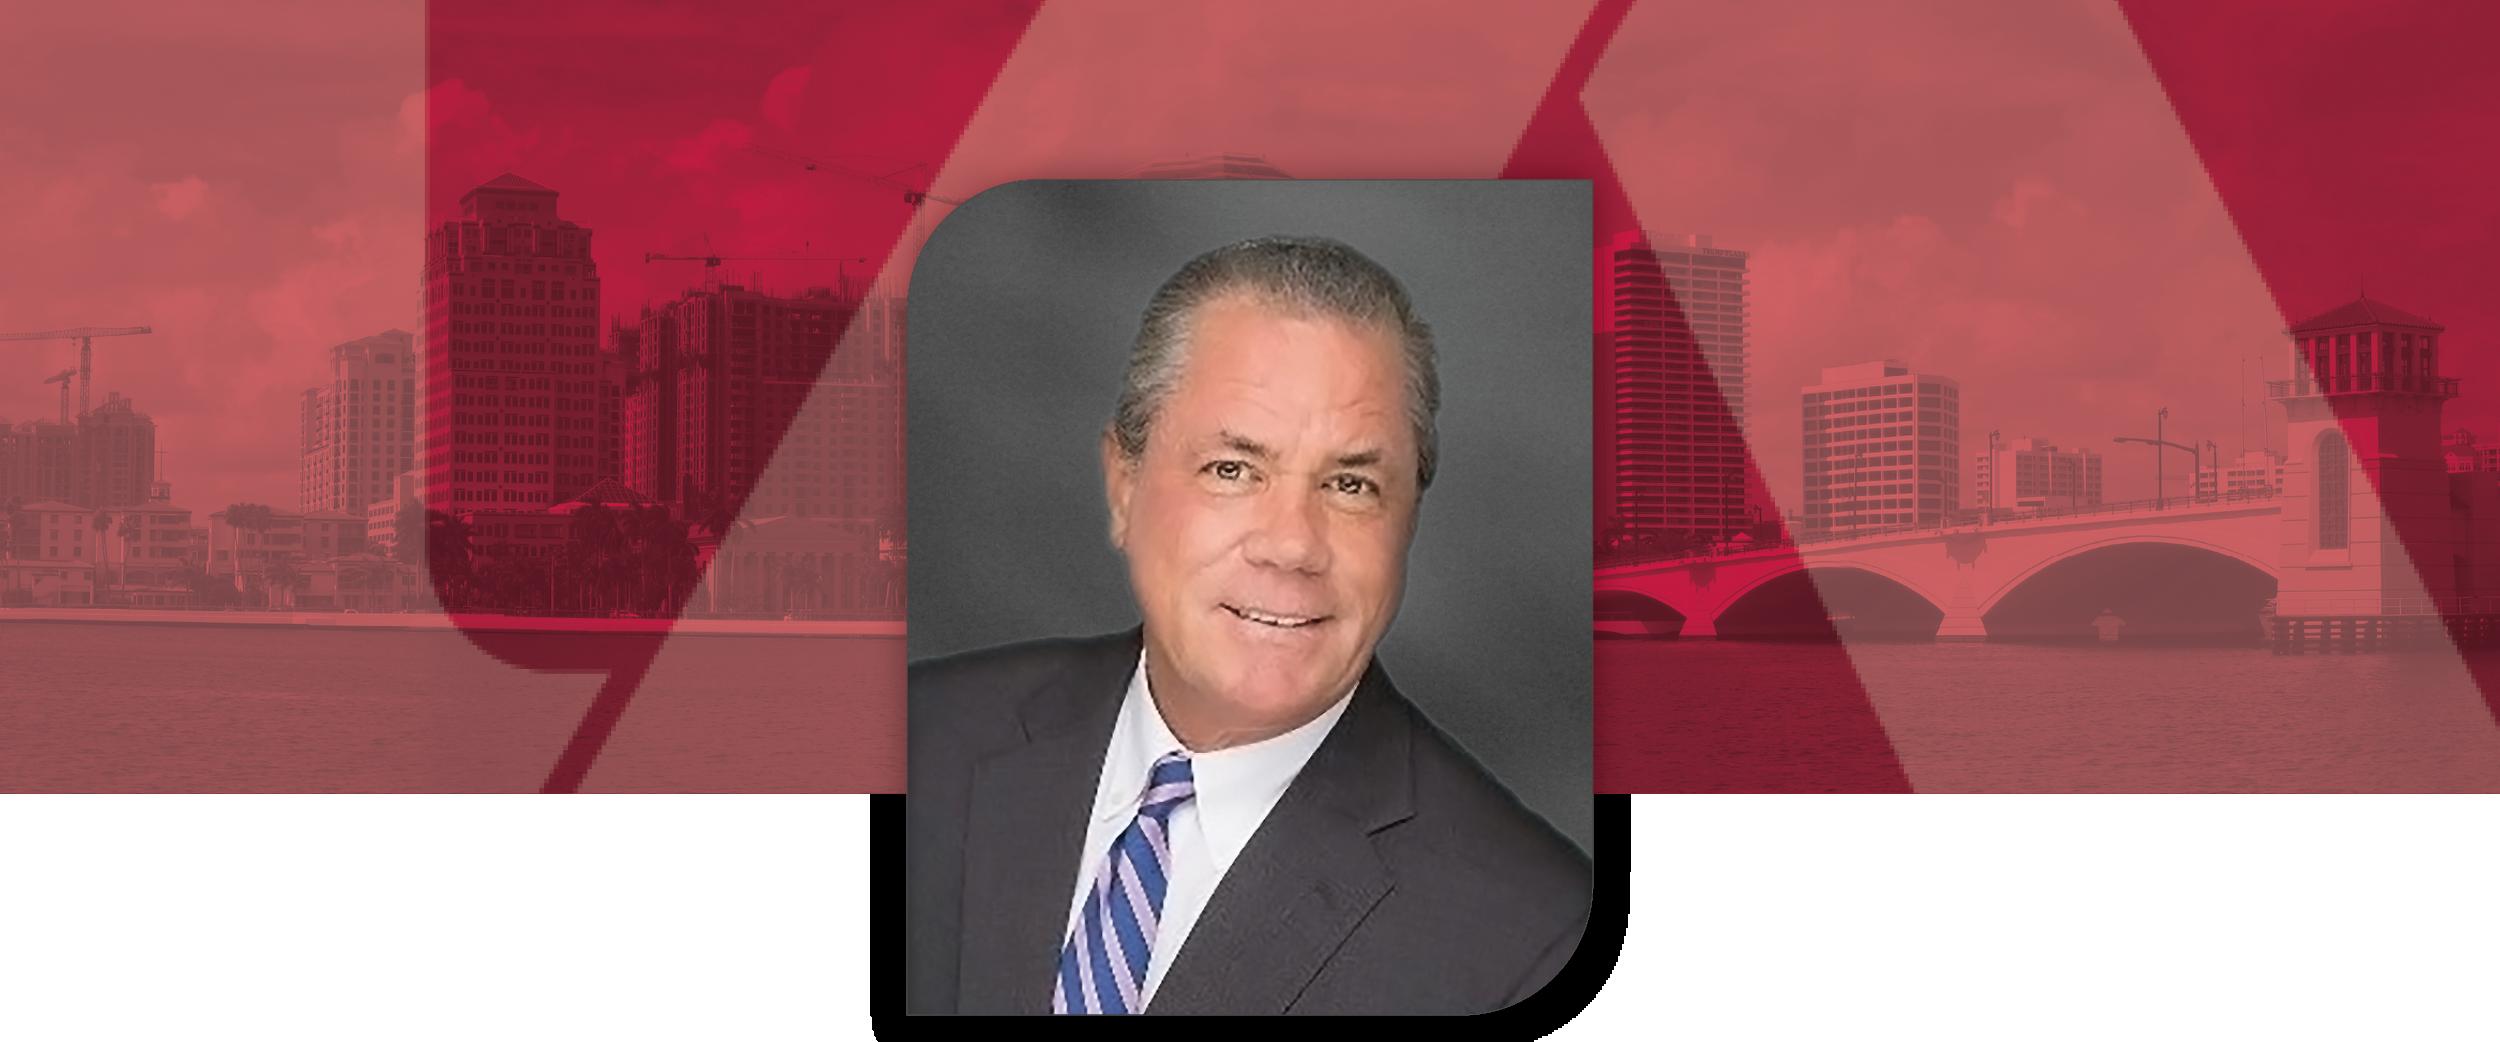 Kevin McCarthy, Principal at Lee & Associates South Florida